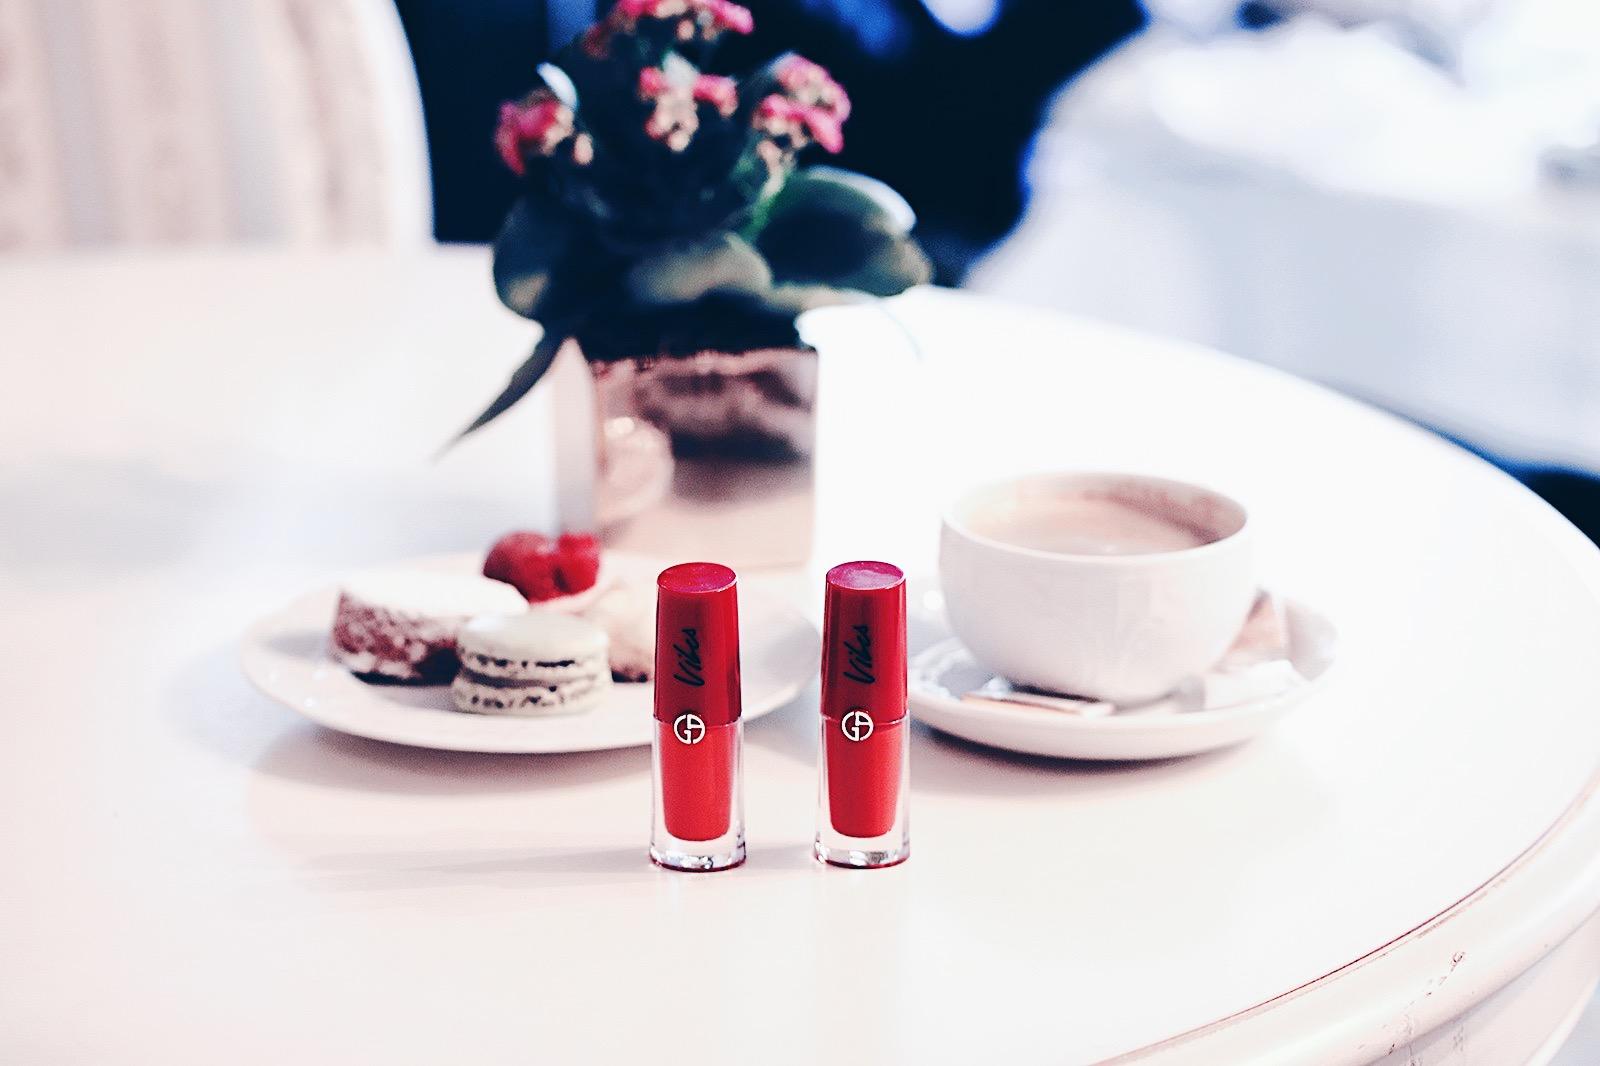 armani lip magnet vibes 304 scarlet 405 vermilion 513 magenta 606 burgundy avis test swatch swatches